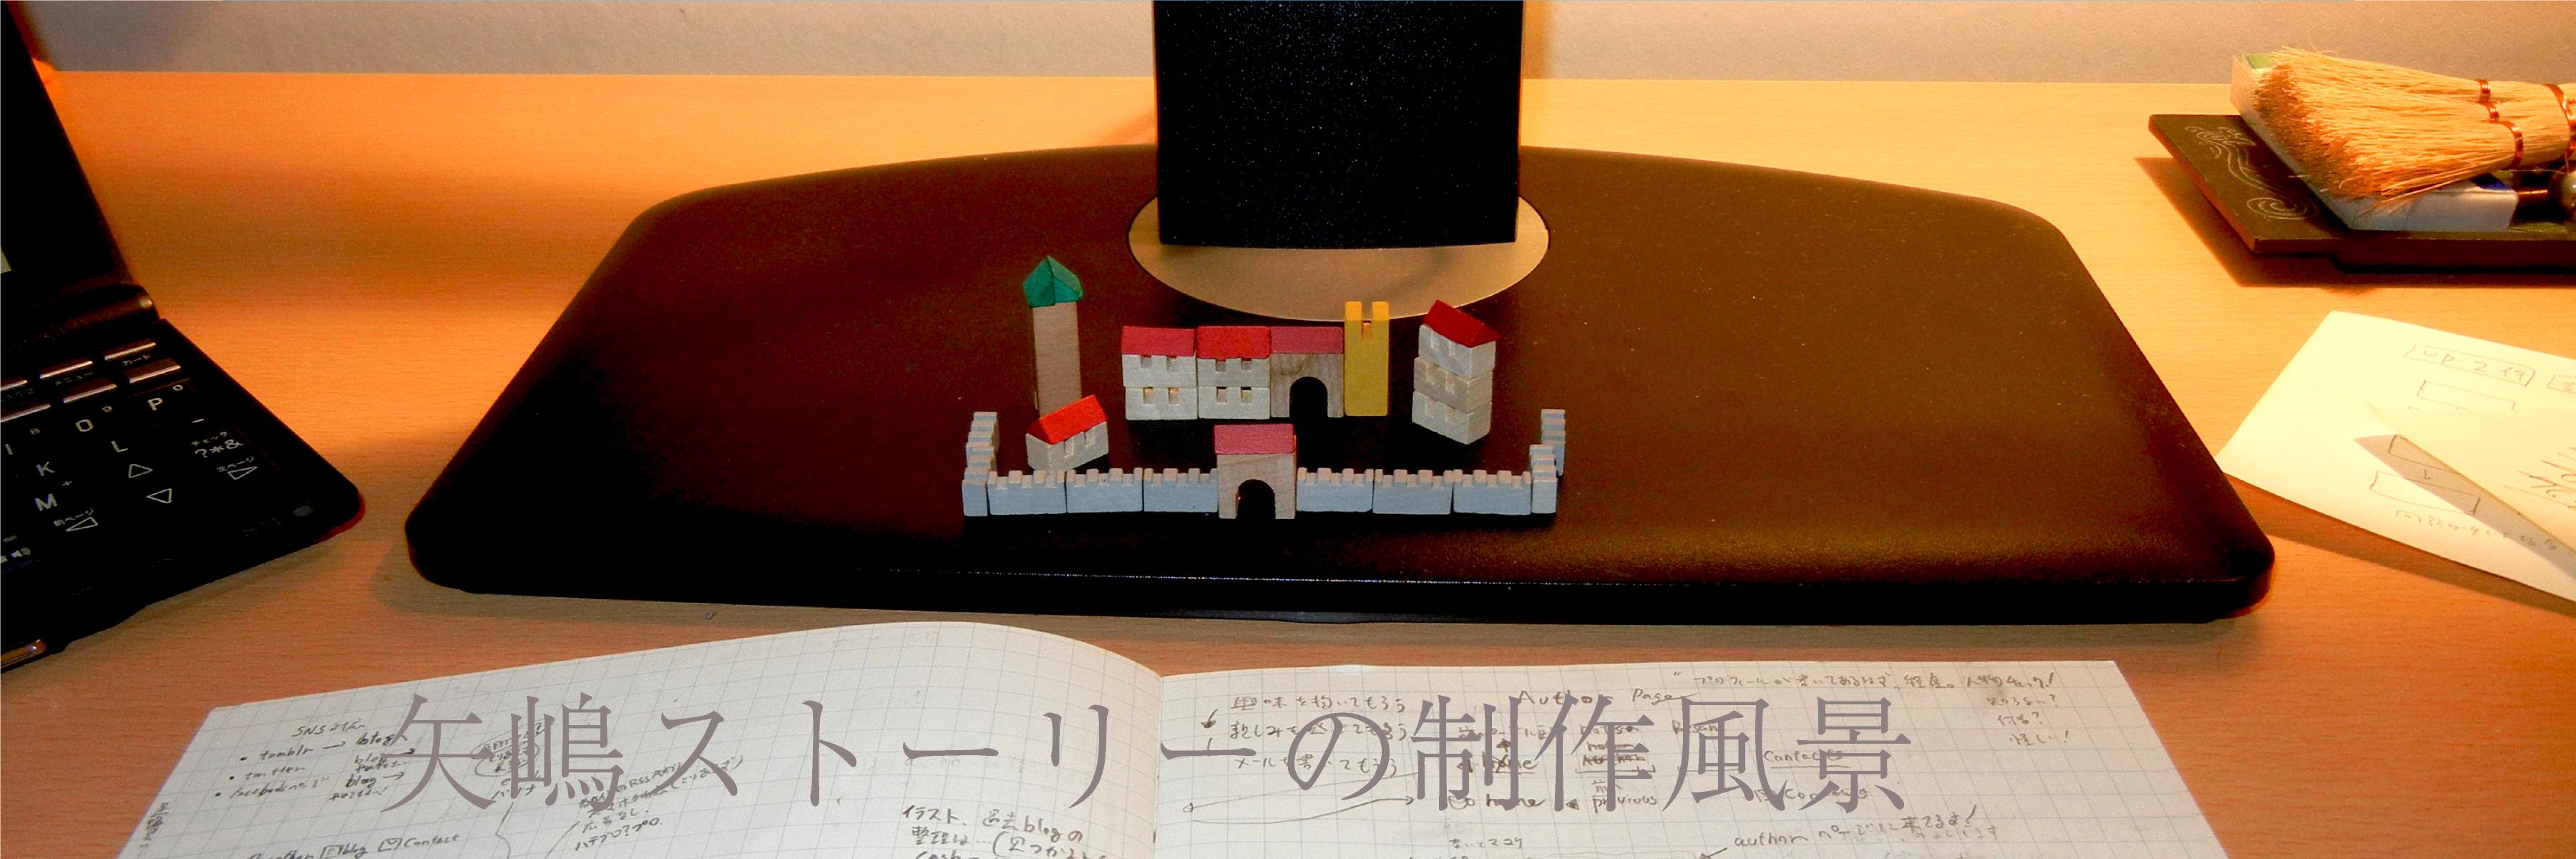 矢嶋ストーリーの制作風景